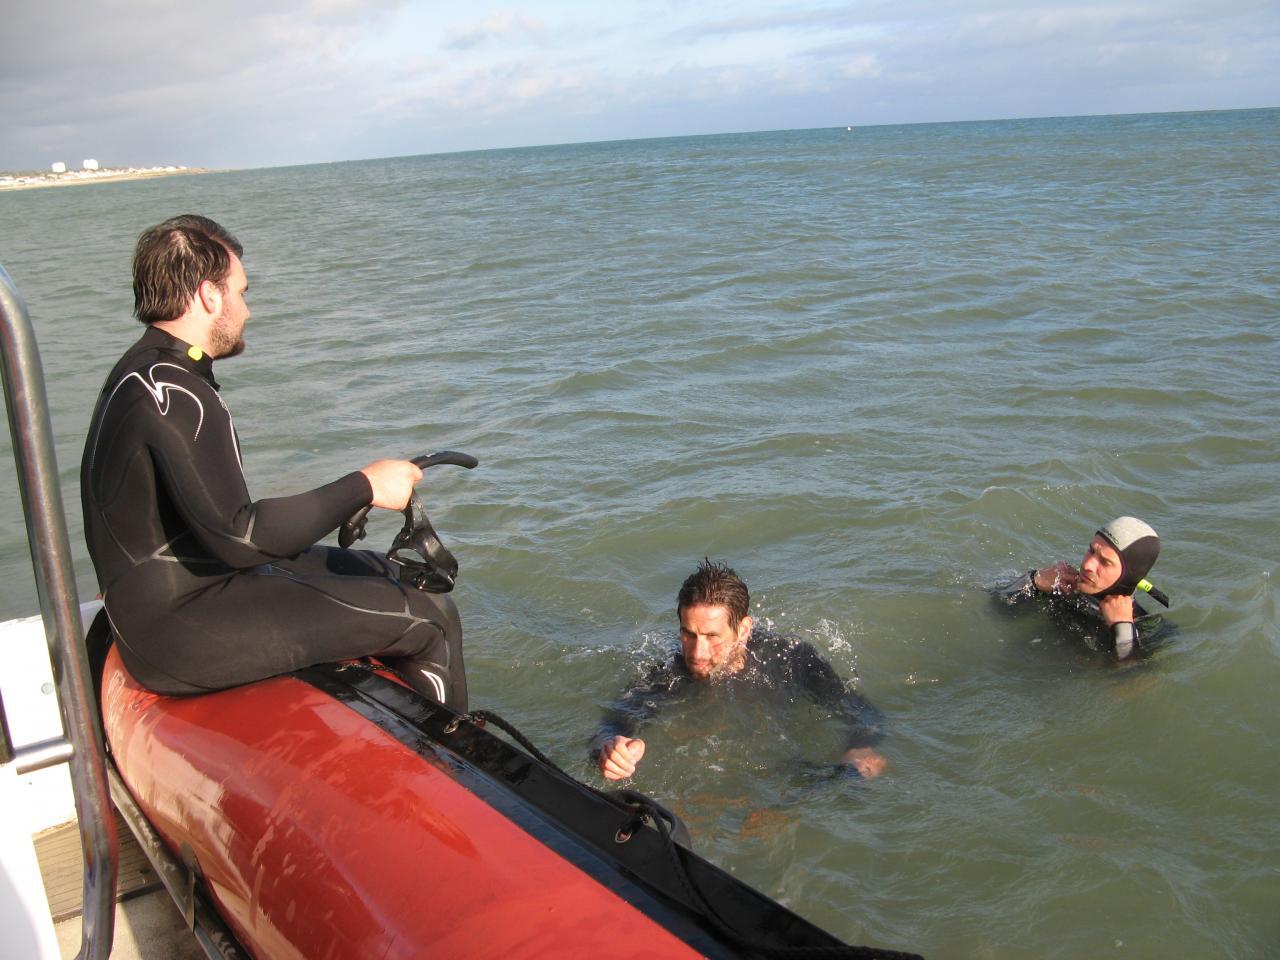 Entraînement en mer aux techniques de sauvetage